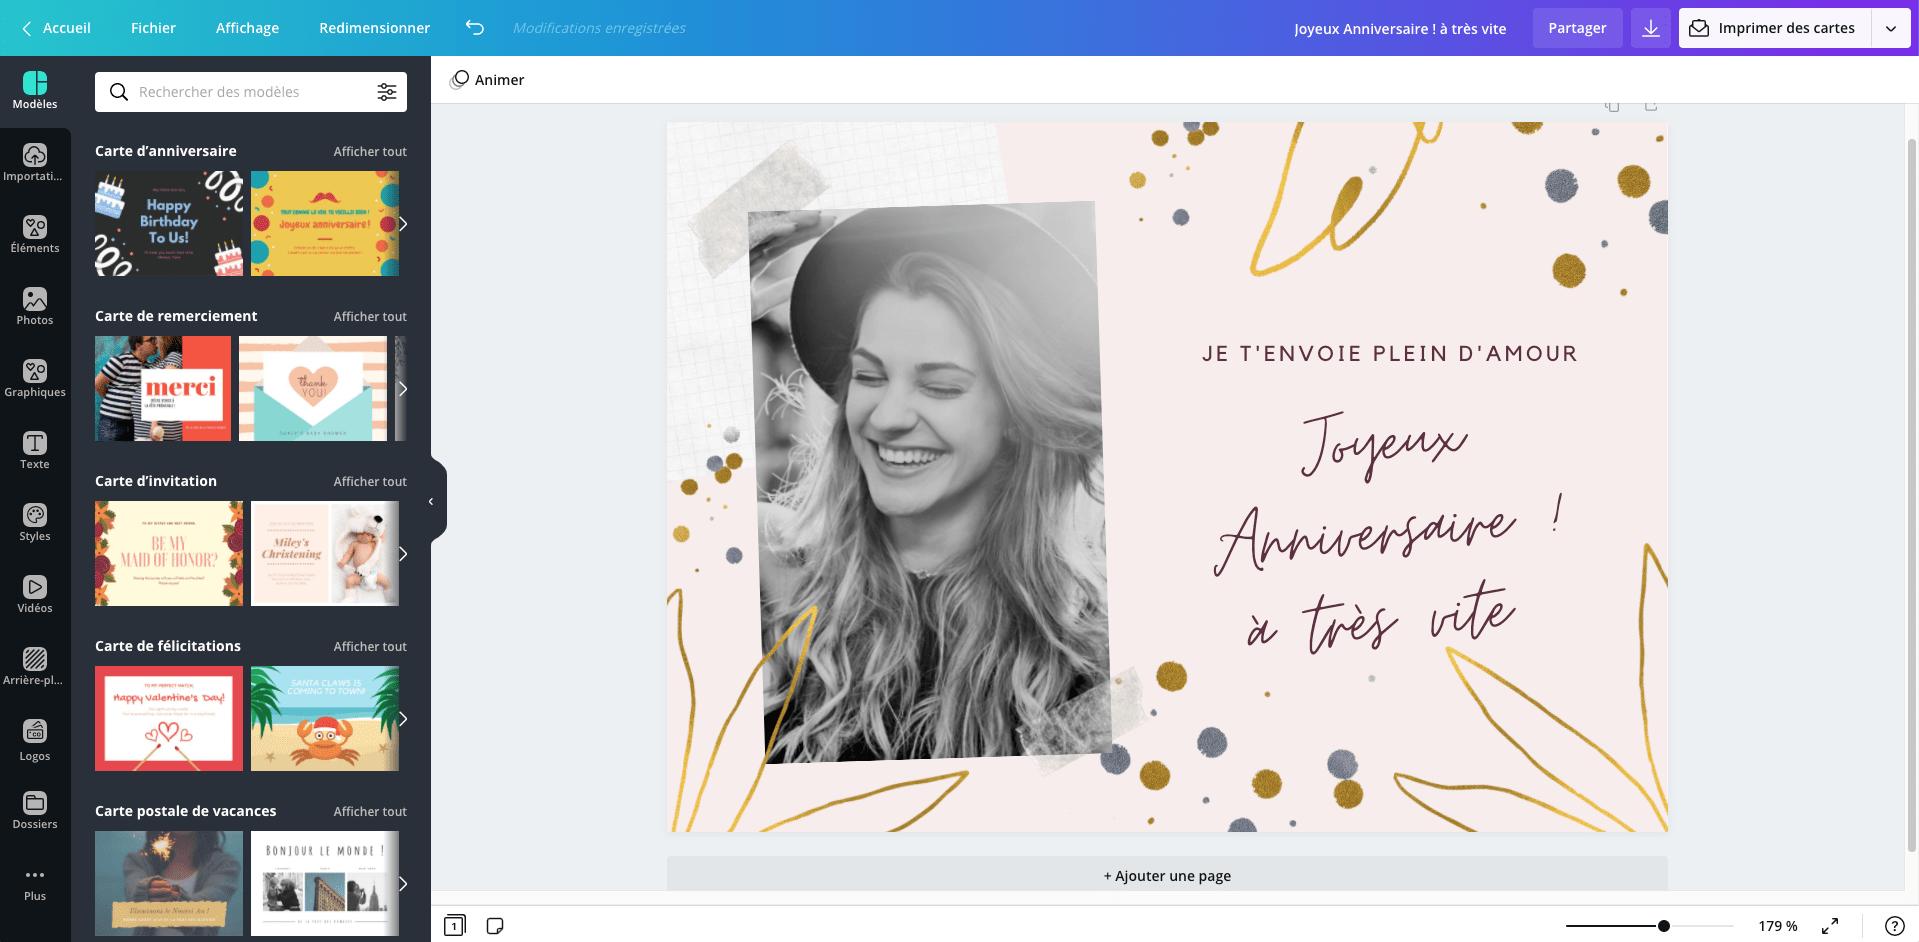 carte virtuelle gratuite anniversaire